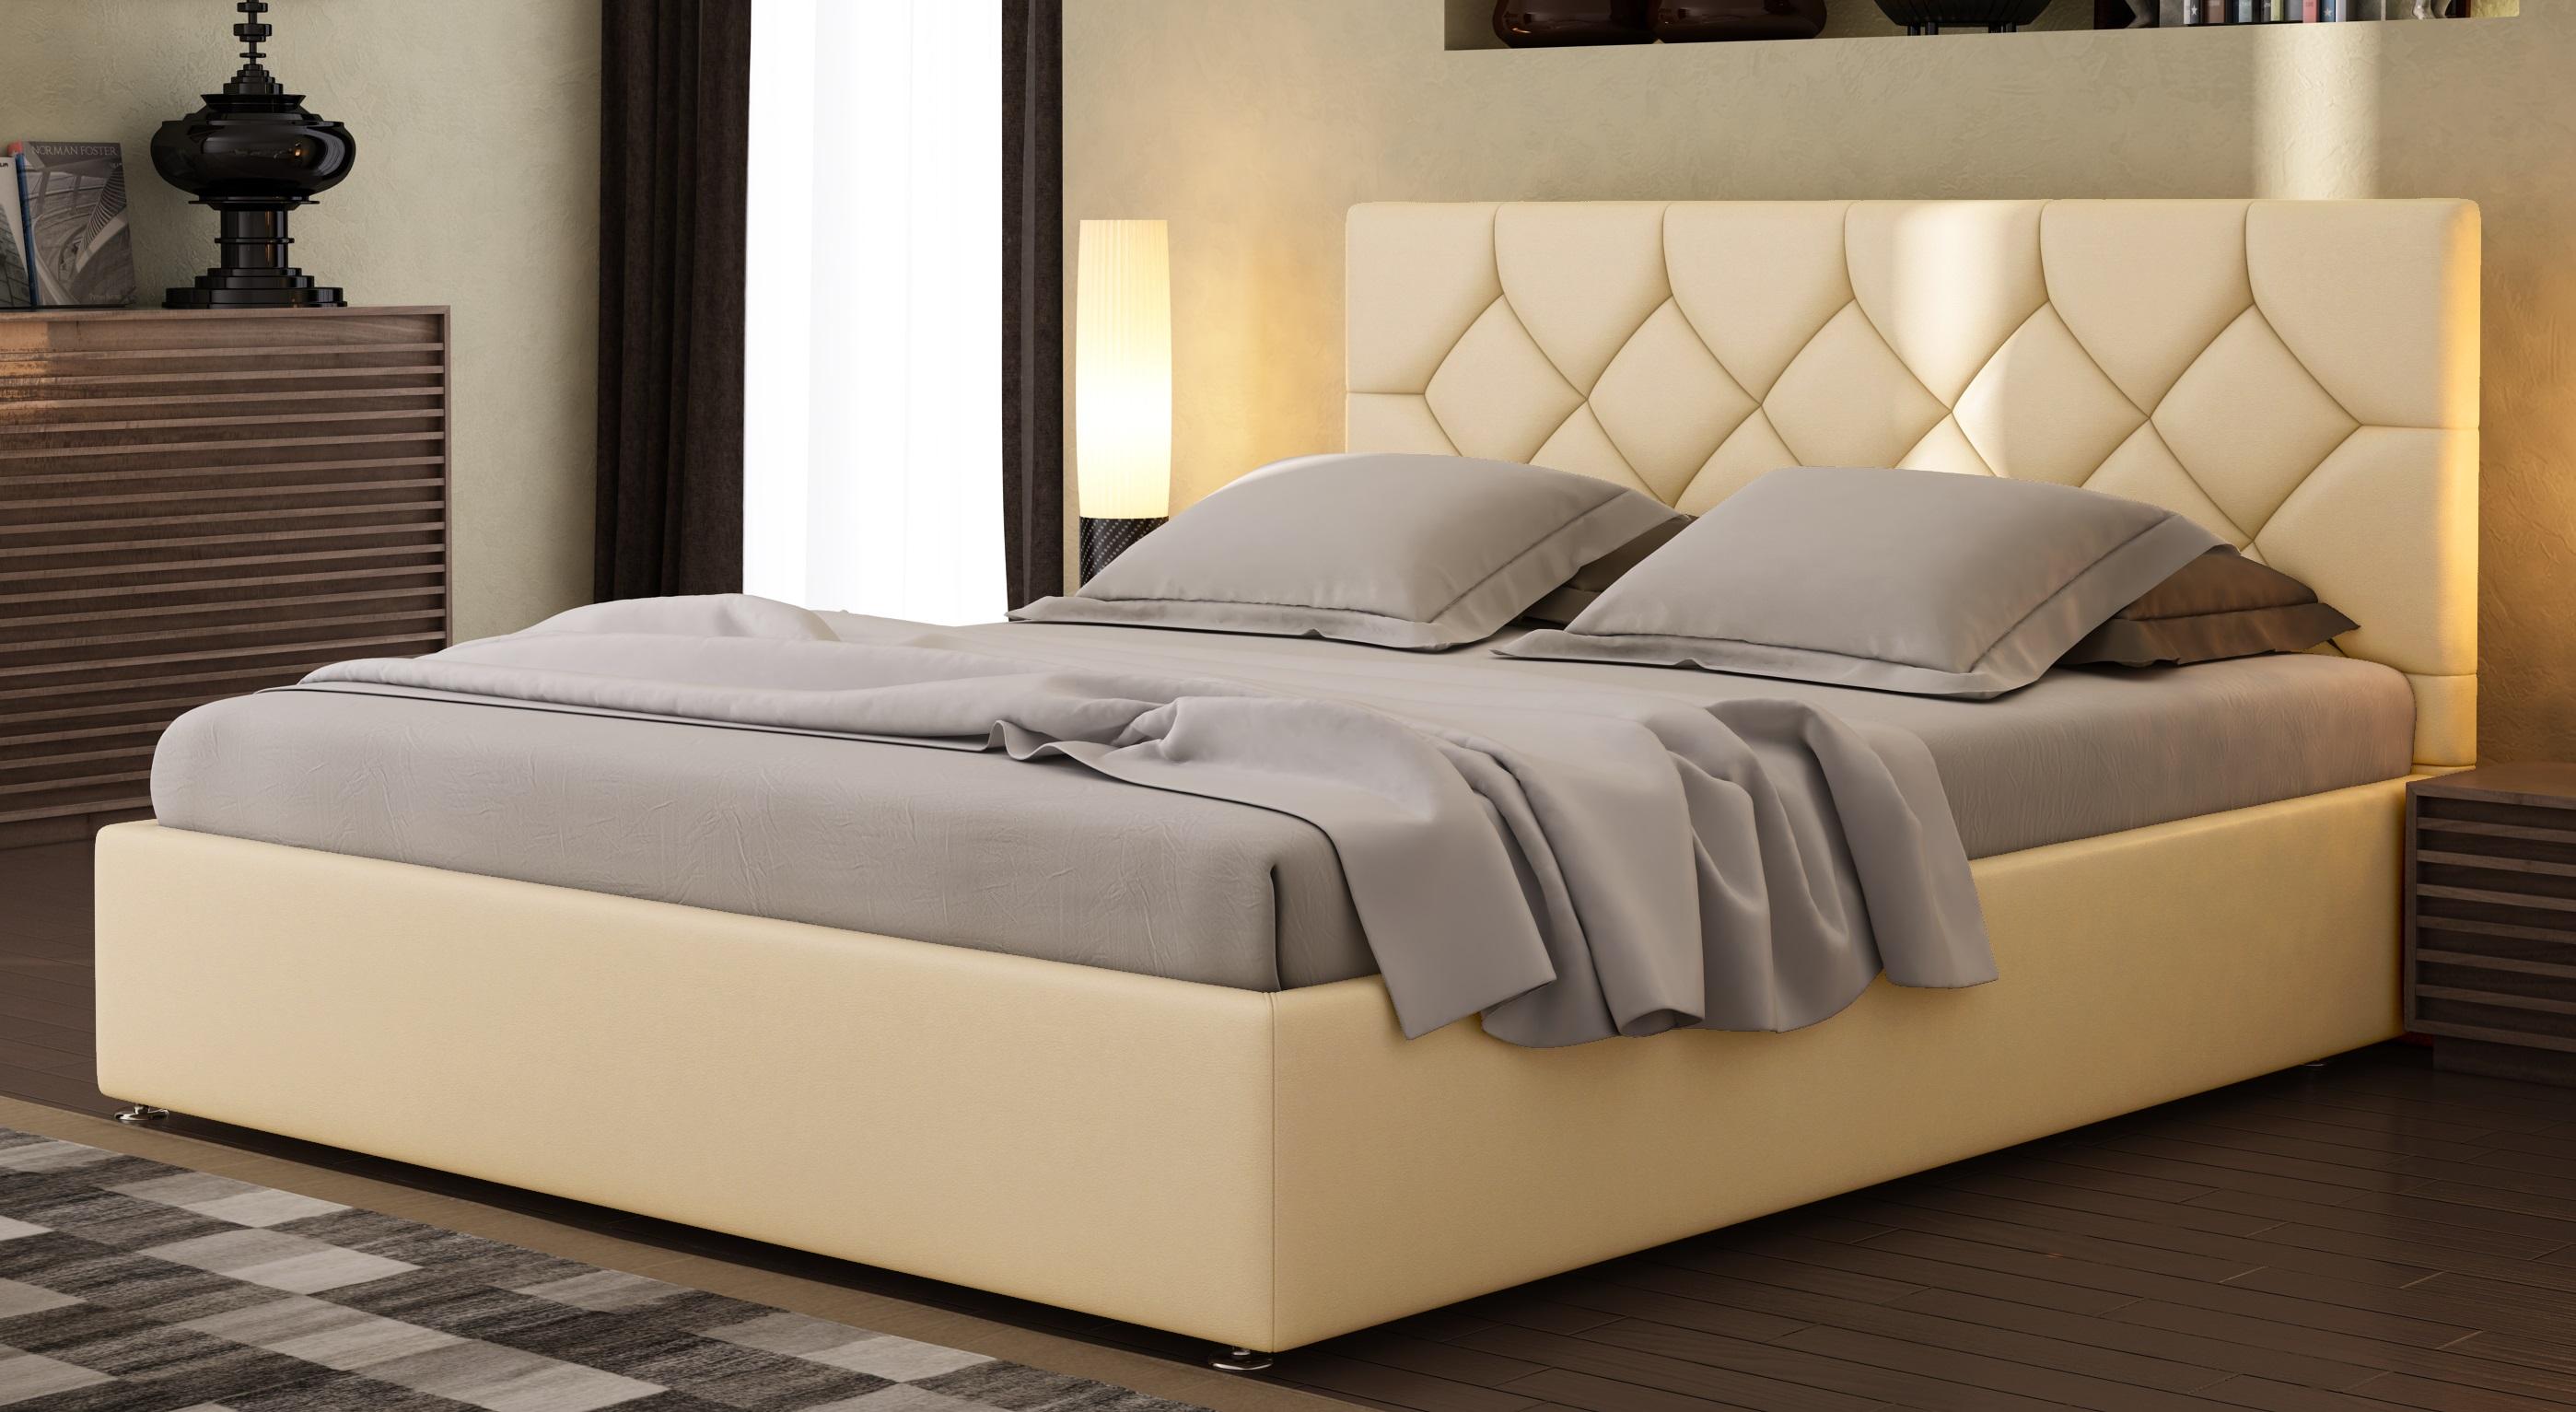 Реечная кровать из кожи